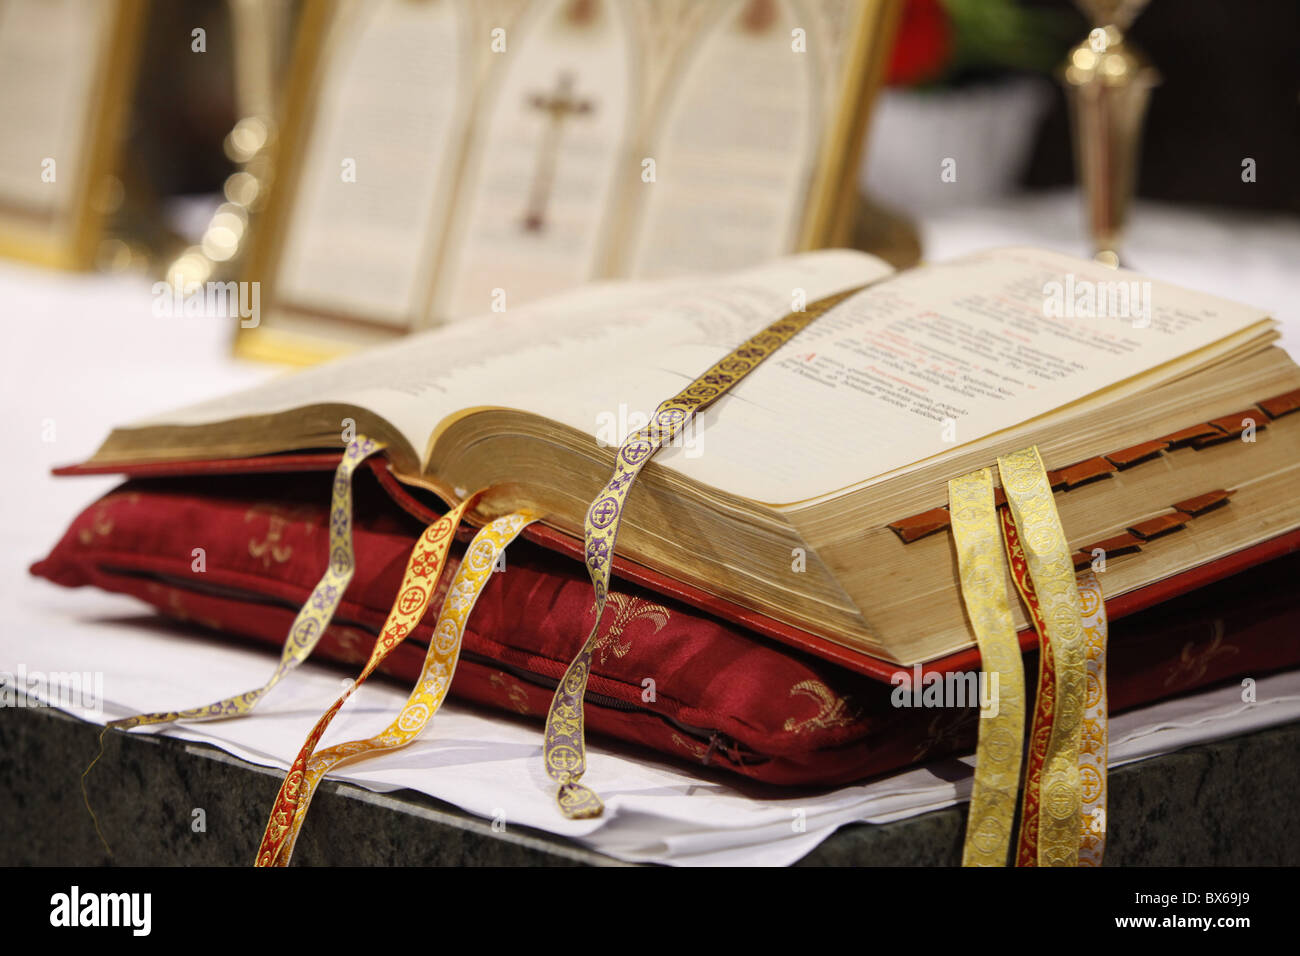 Messe dans la cathédrale de Chartres au cours du pèlerinage catholique traditionaliste, Chartres, Eure-et-Loir, France, Europe Banque D'Images